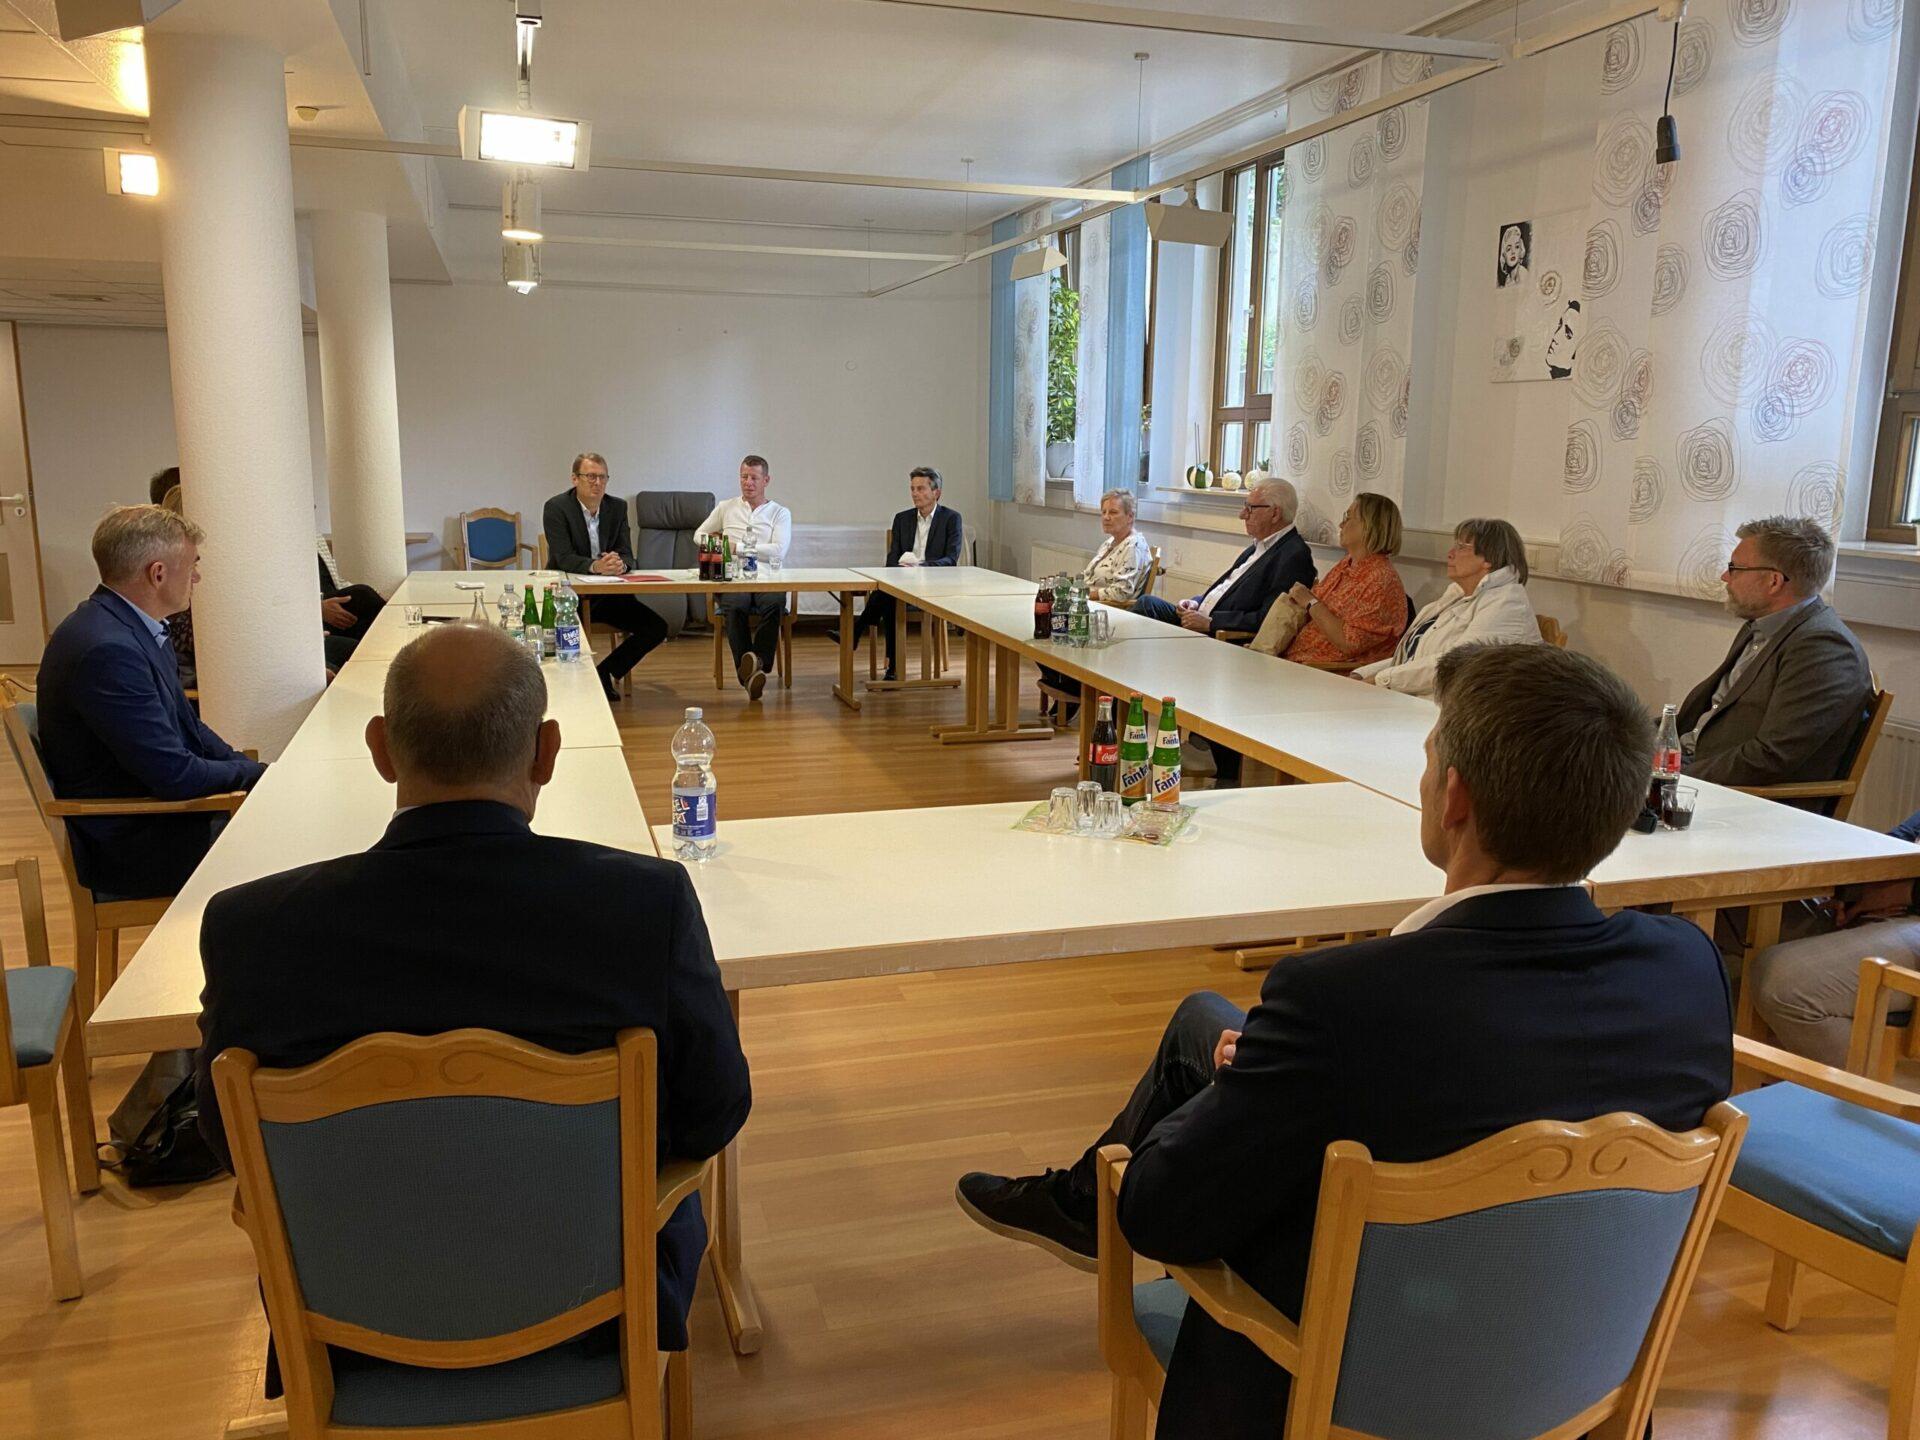 Vorsitzender der SPD-Bundestagsfraktion Rolf Mützenich besuchte Klara-Röhrscheidt-Haus